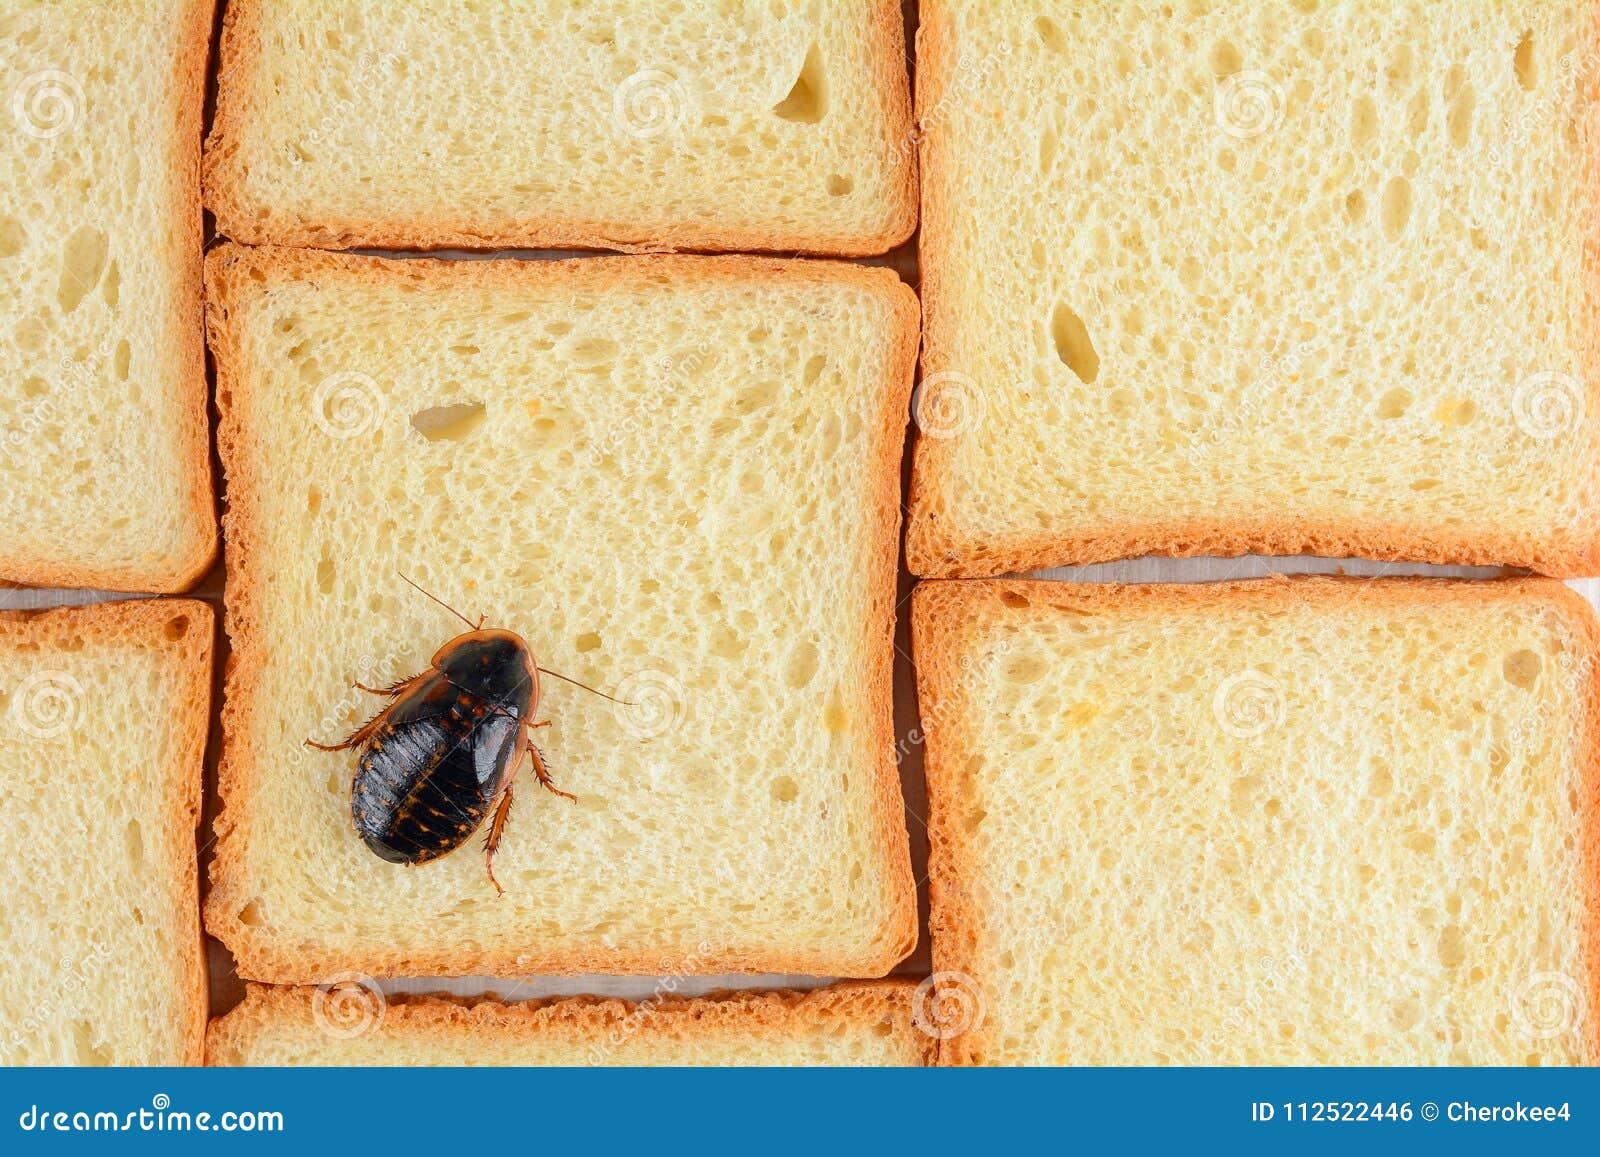 Kakkerlak op voedsel in de keuken Het probleem is in het huis wegens de kakkerlakken Kakkerlak die in de keuken eten